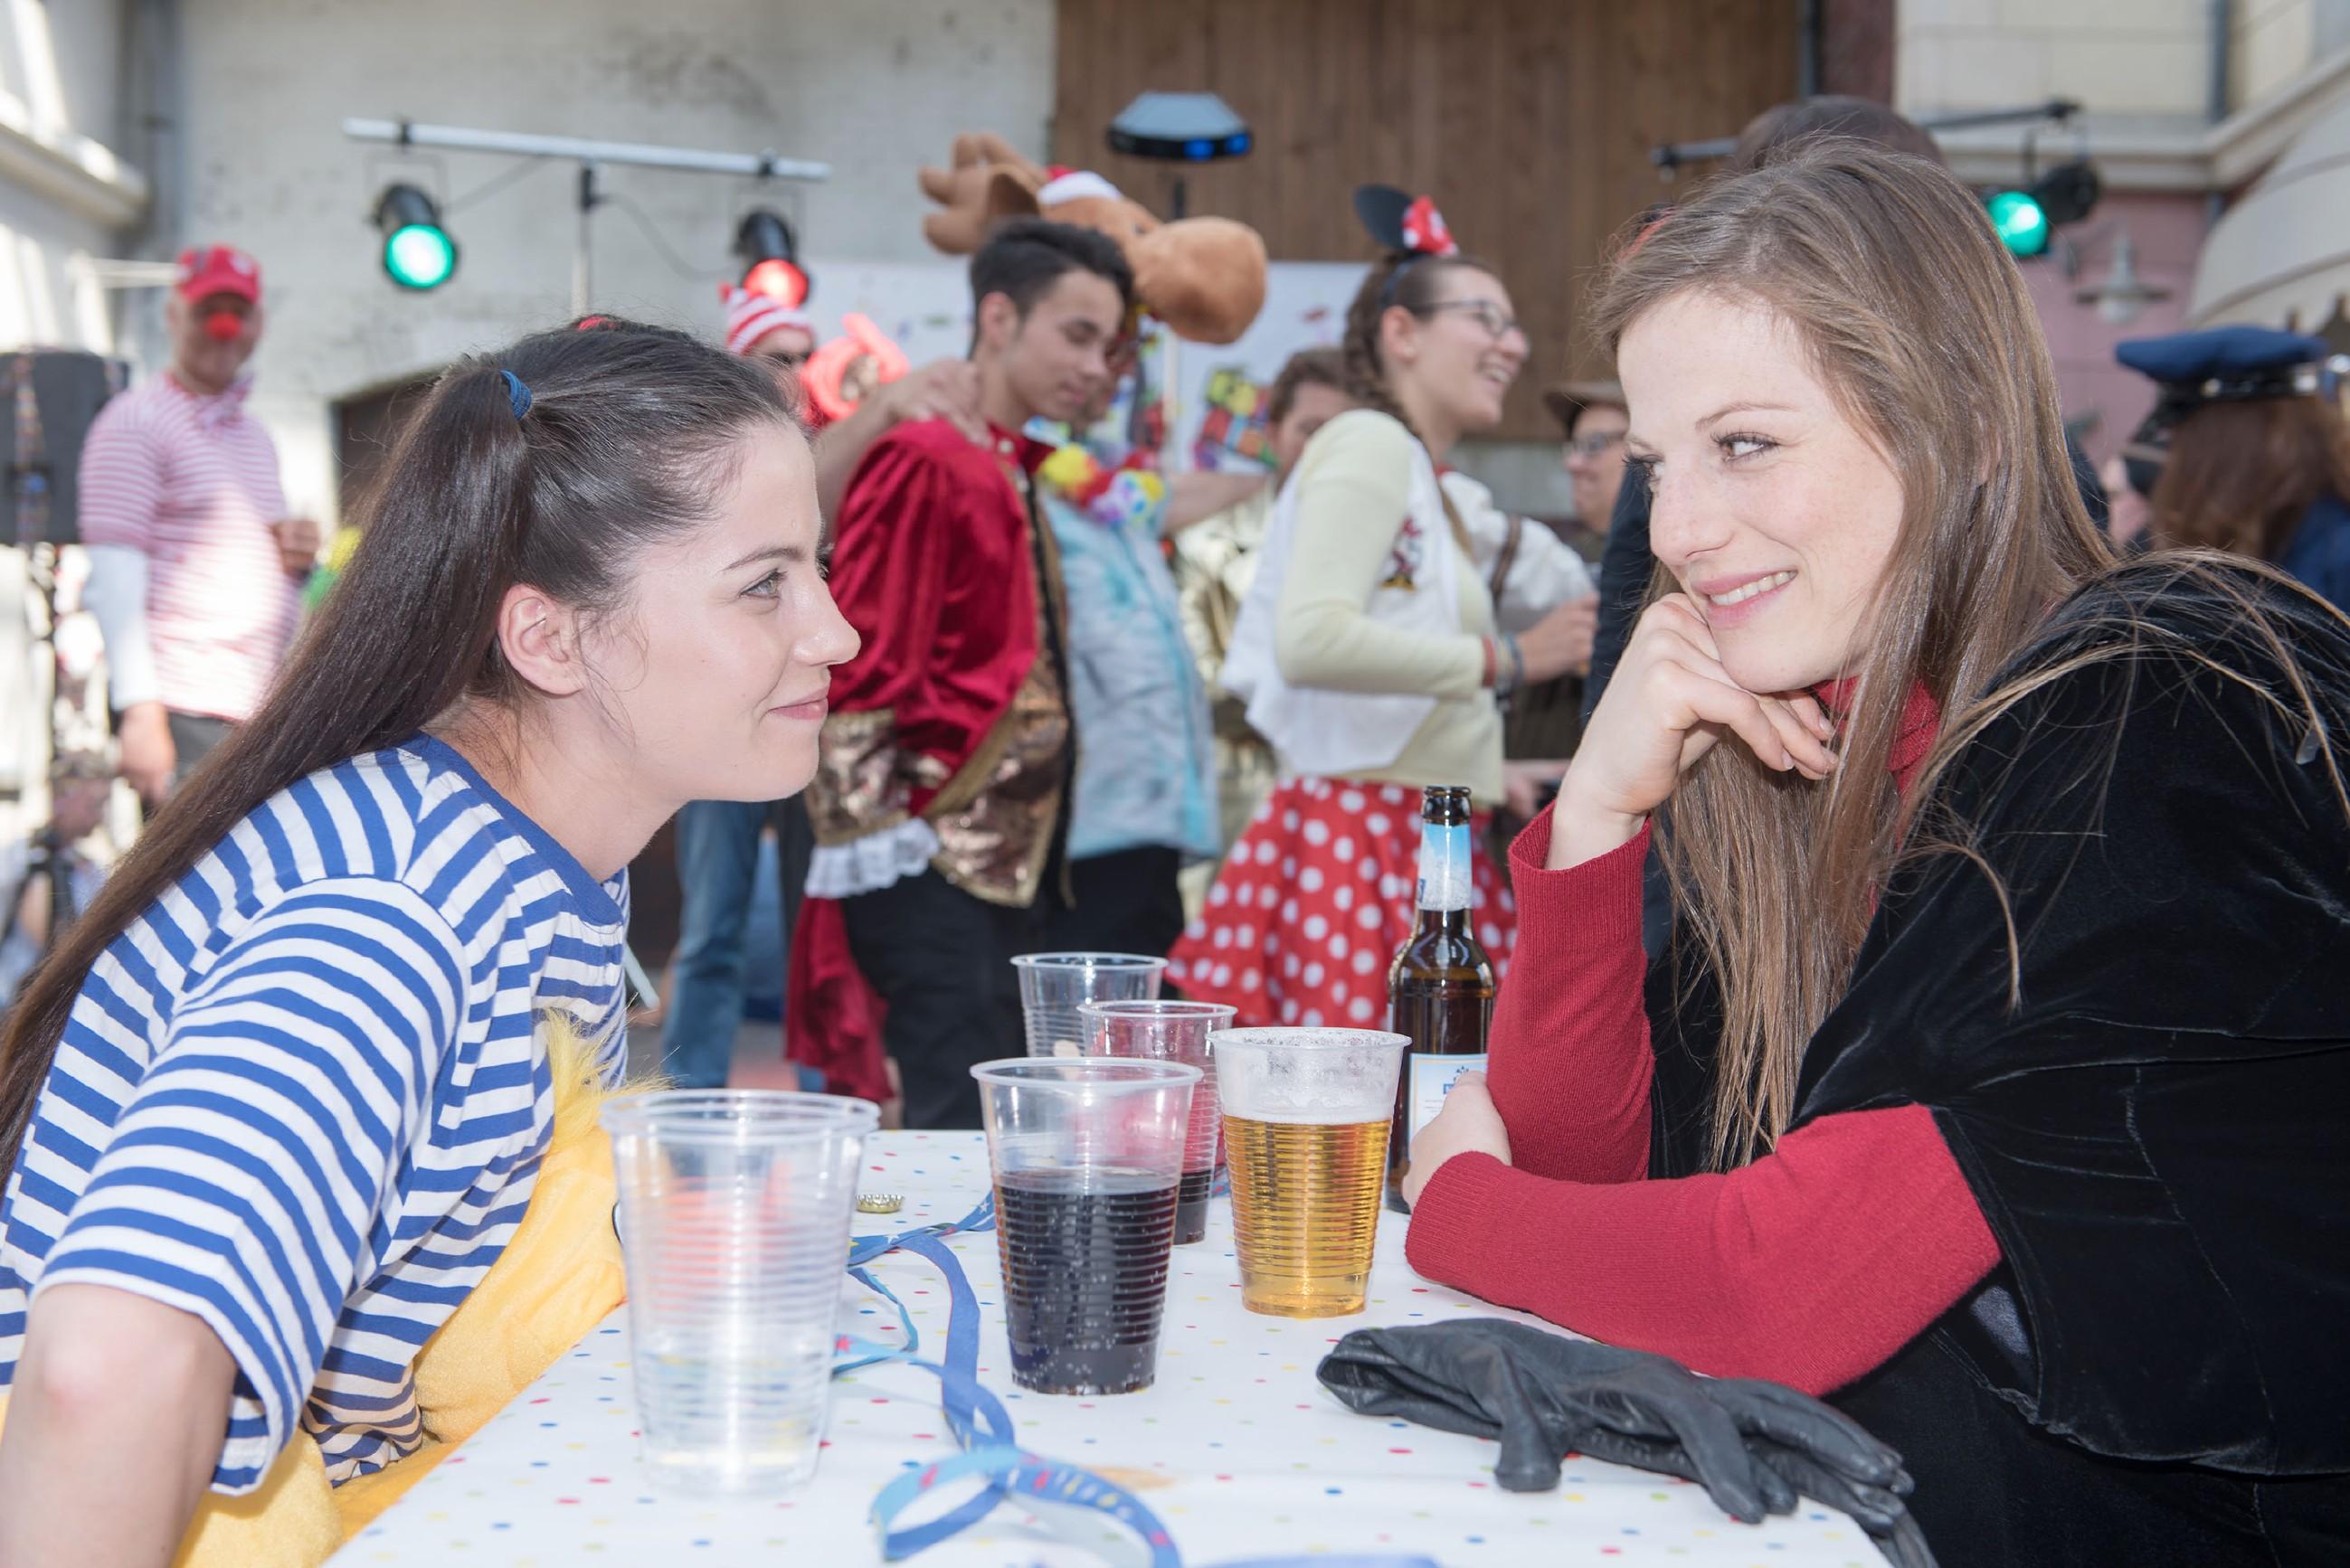 Elli (Nora Koppen, r.) fühlt sich ertappt und streitet vor Sina (Valea Katharina Scalabrino) ab, Gefühle für Paco zu hegen. (Quelle: RTL / Stefan Behrens)